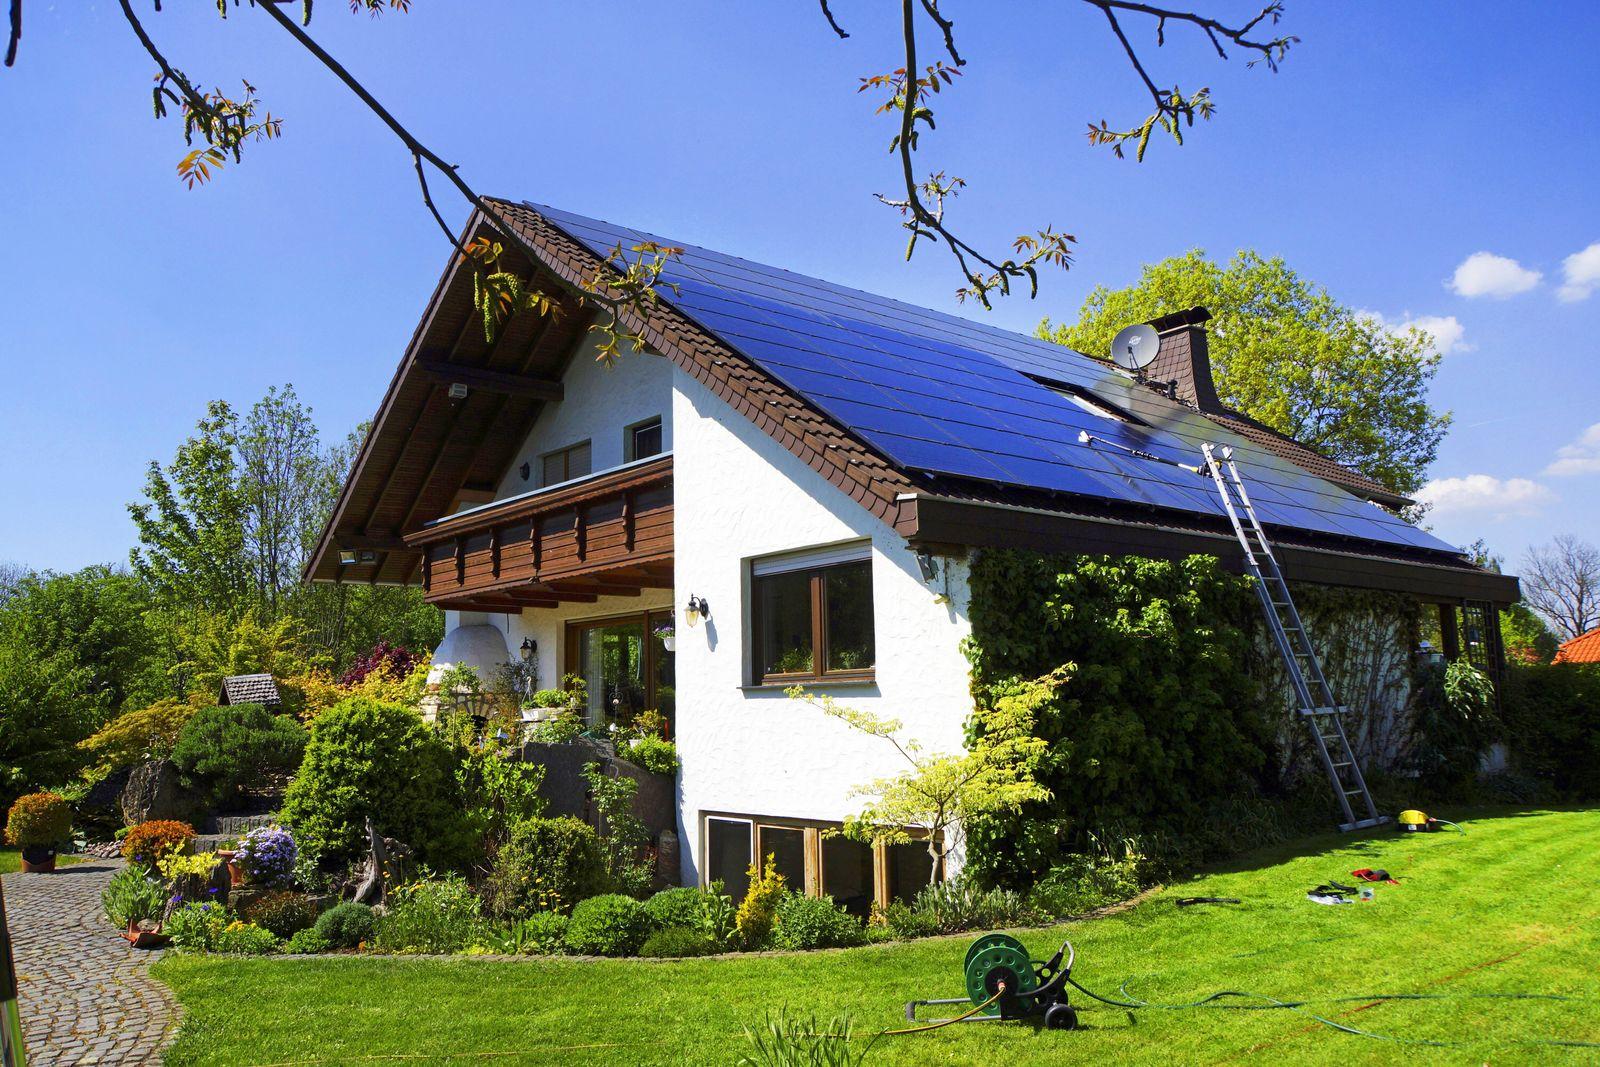 EINMALIGE VERWENDUNG Sollarzellen auf dem Dach / Sollarenergie